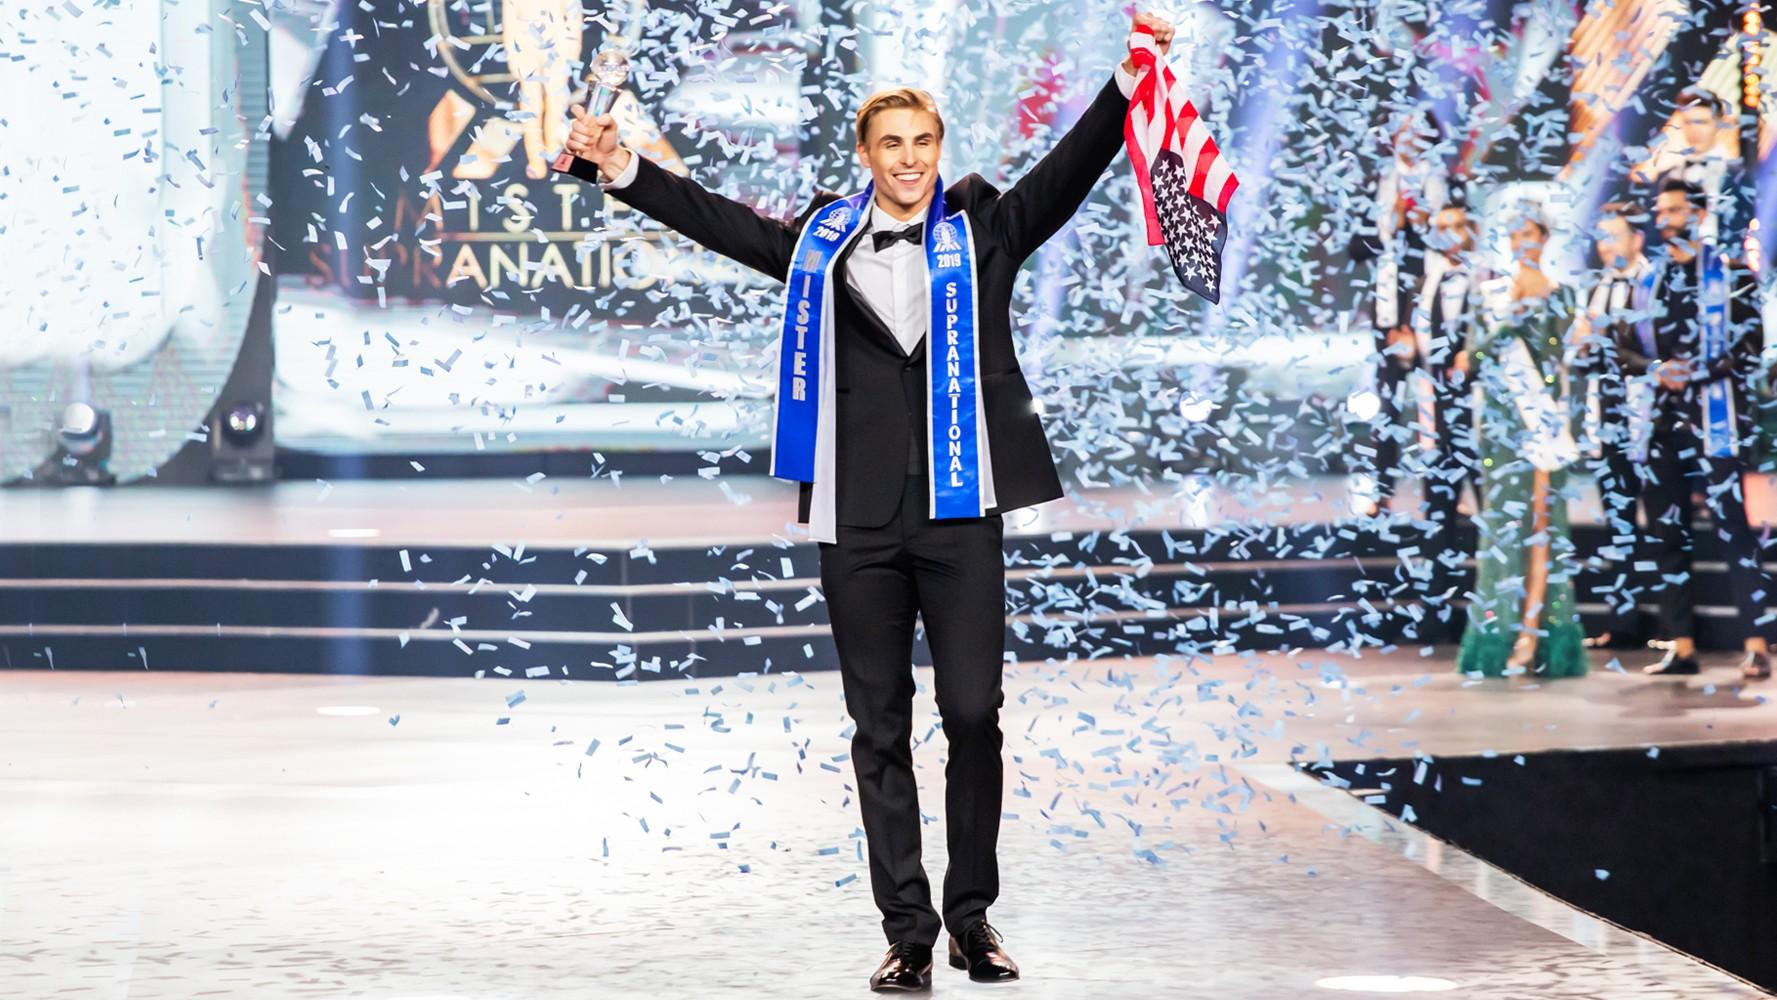 Już wiemy, kto zdobył tytuł Mister Supranational 2019!